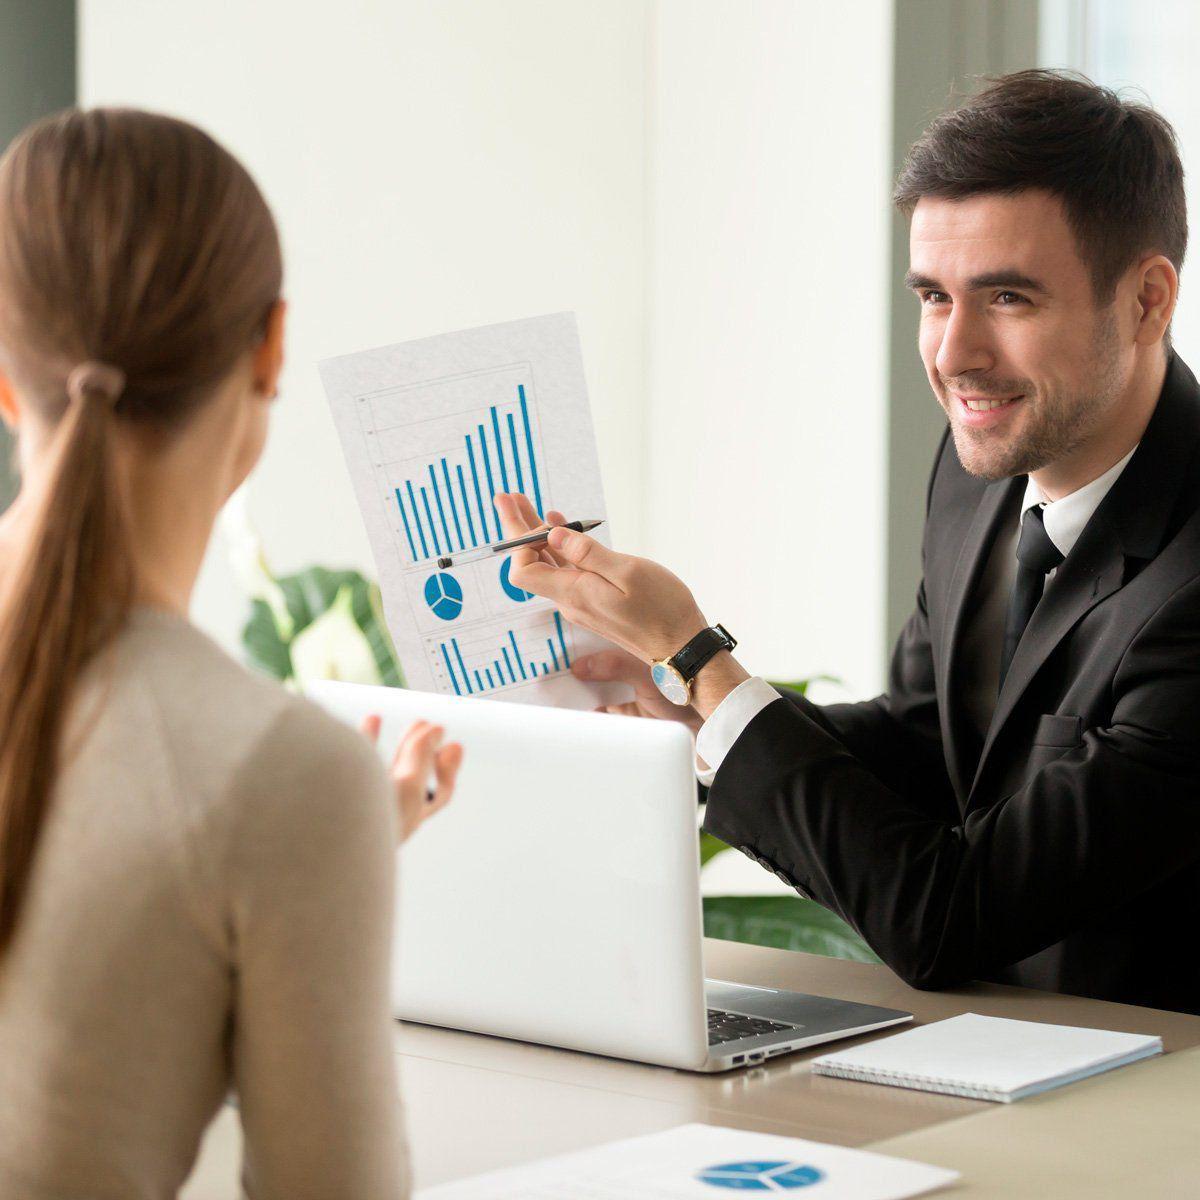 Economia Empresarial: Estratégias de Negócios  - PUC Minas